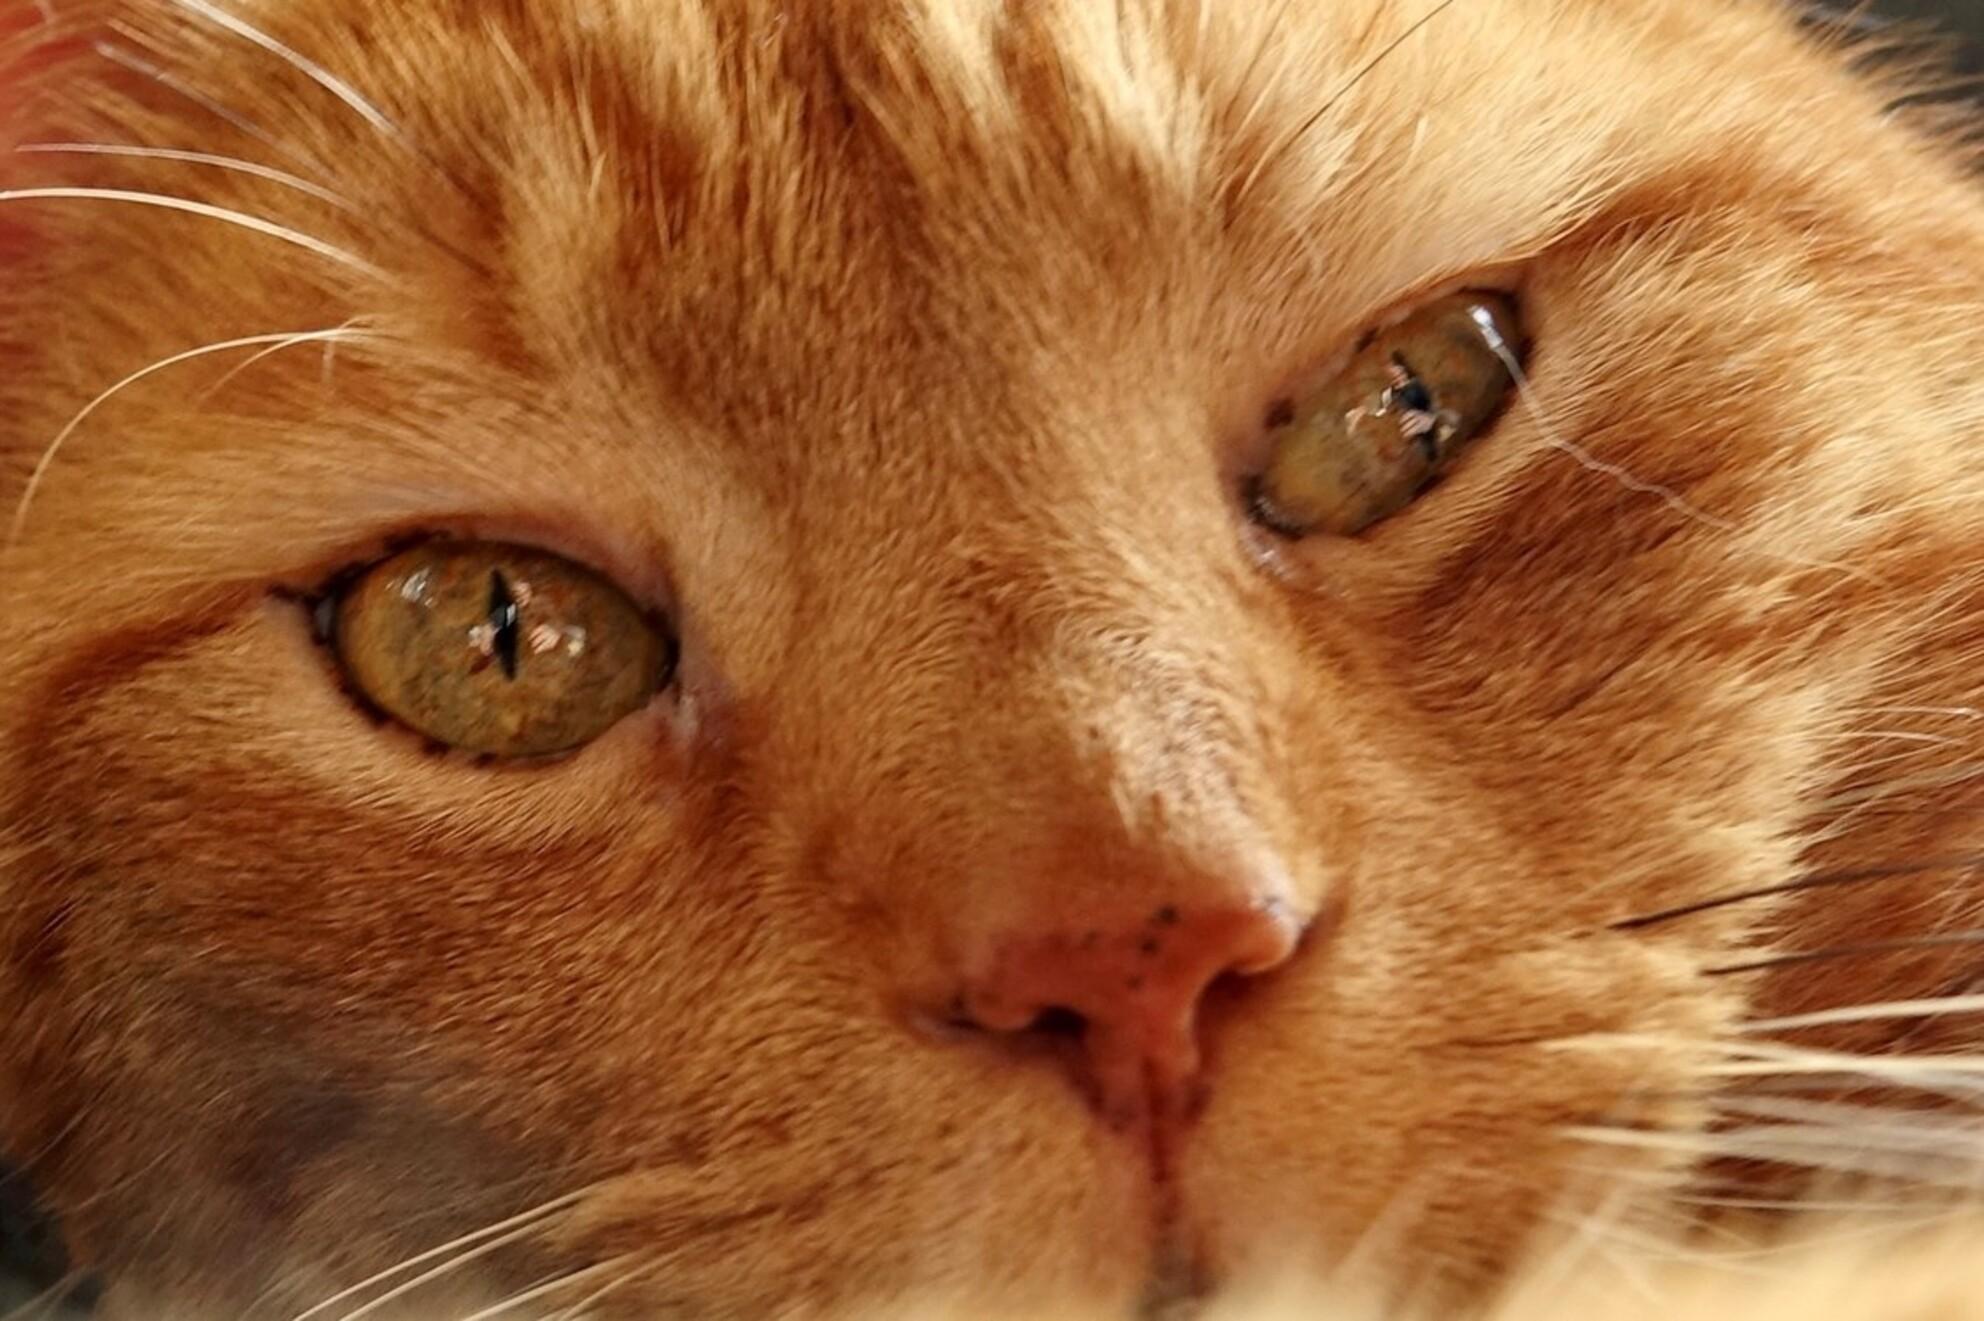 Ik zie de fotograaf - De ogen van een kat verbergen niets. - foto door BertTho op 03-03-2021 - deze foto bevat: poes, dieren, kat - Deze foto mag gebruikt worden in een Zoom.nl publicatie